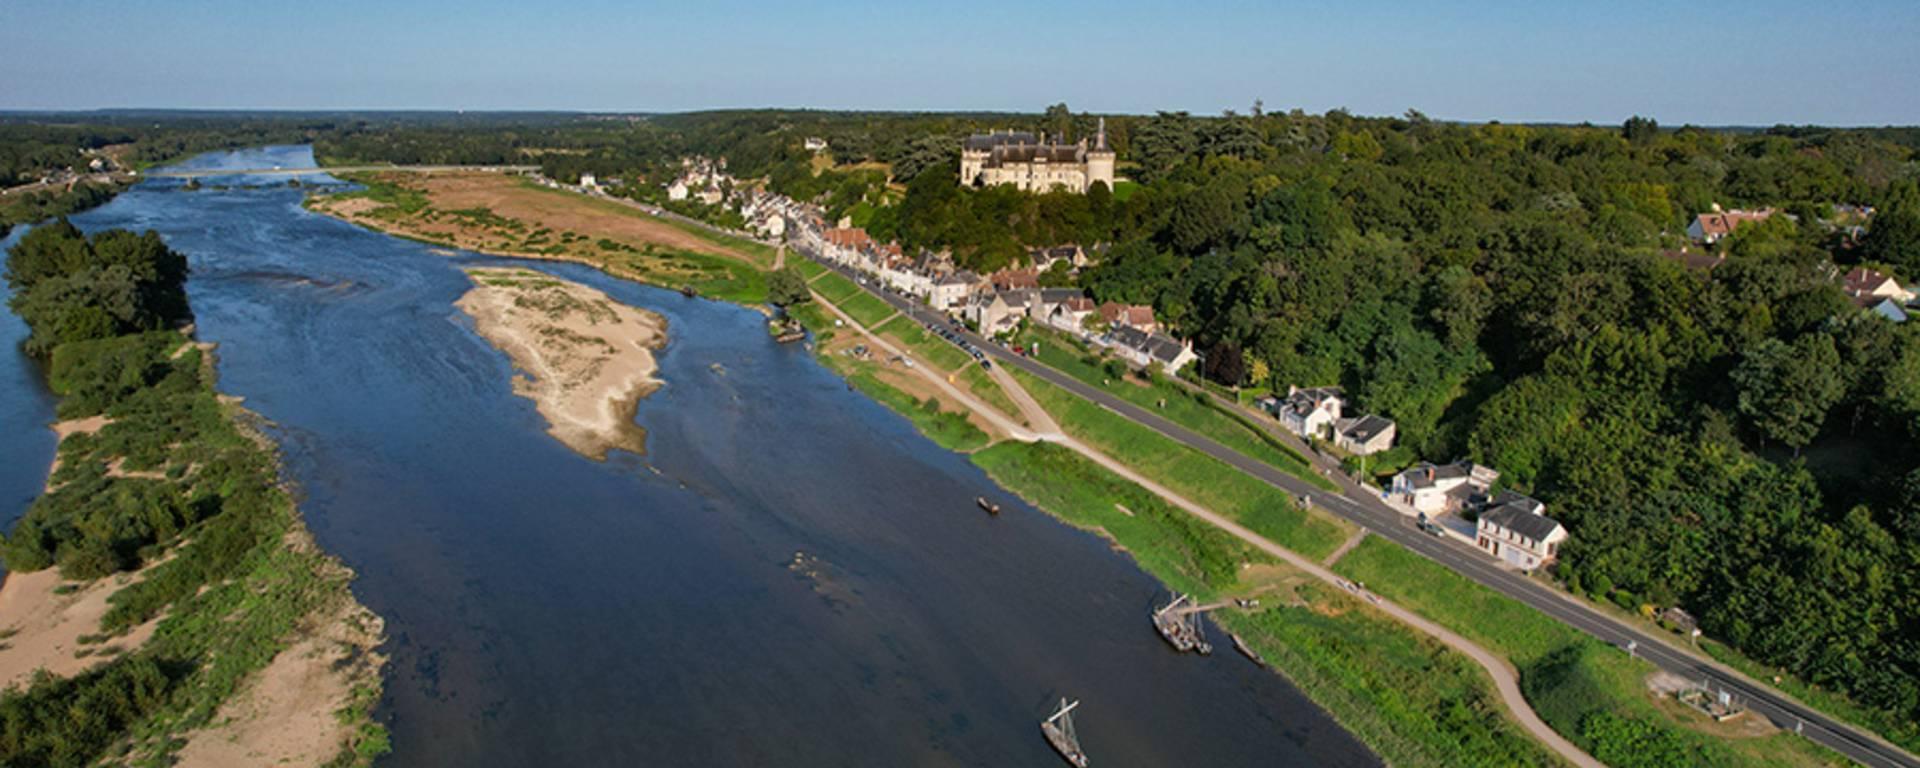 La Loire à Chaumont.